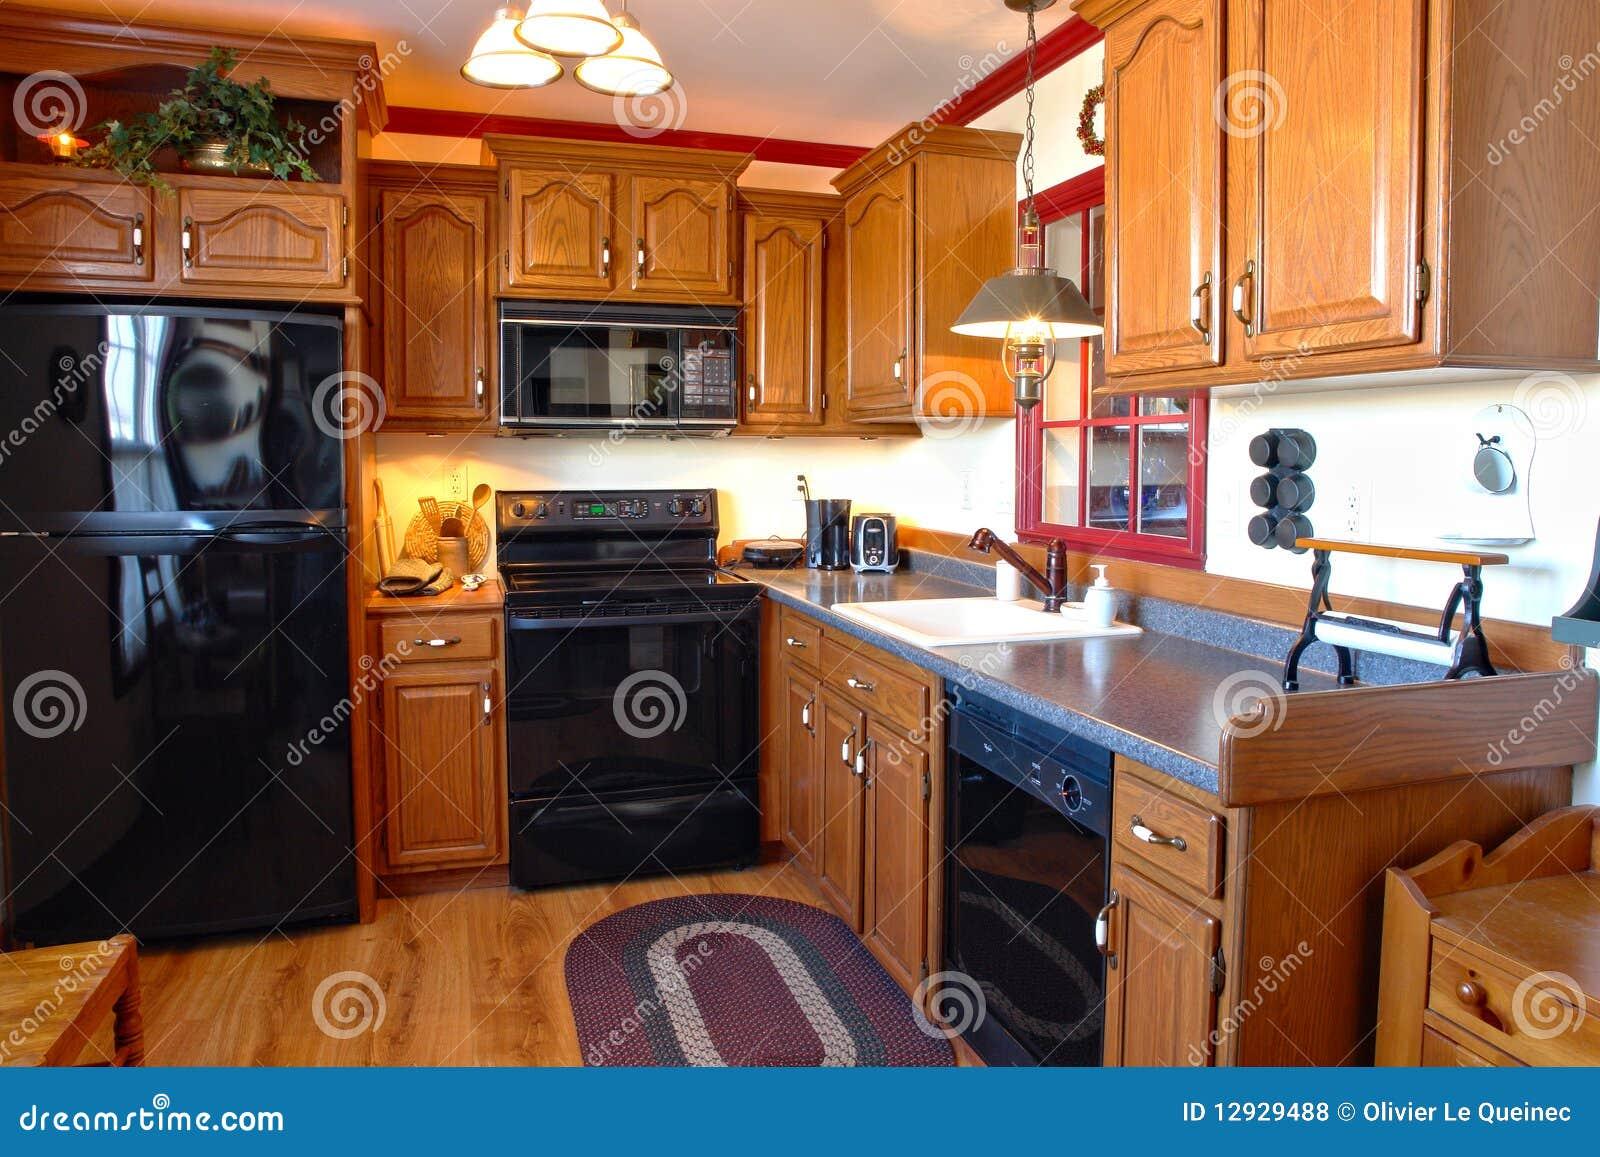 decoracao cozinha tradicional:Cozinha Tradicional Planejada Cozinha Decorada